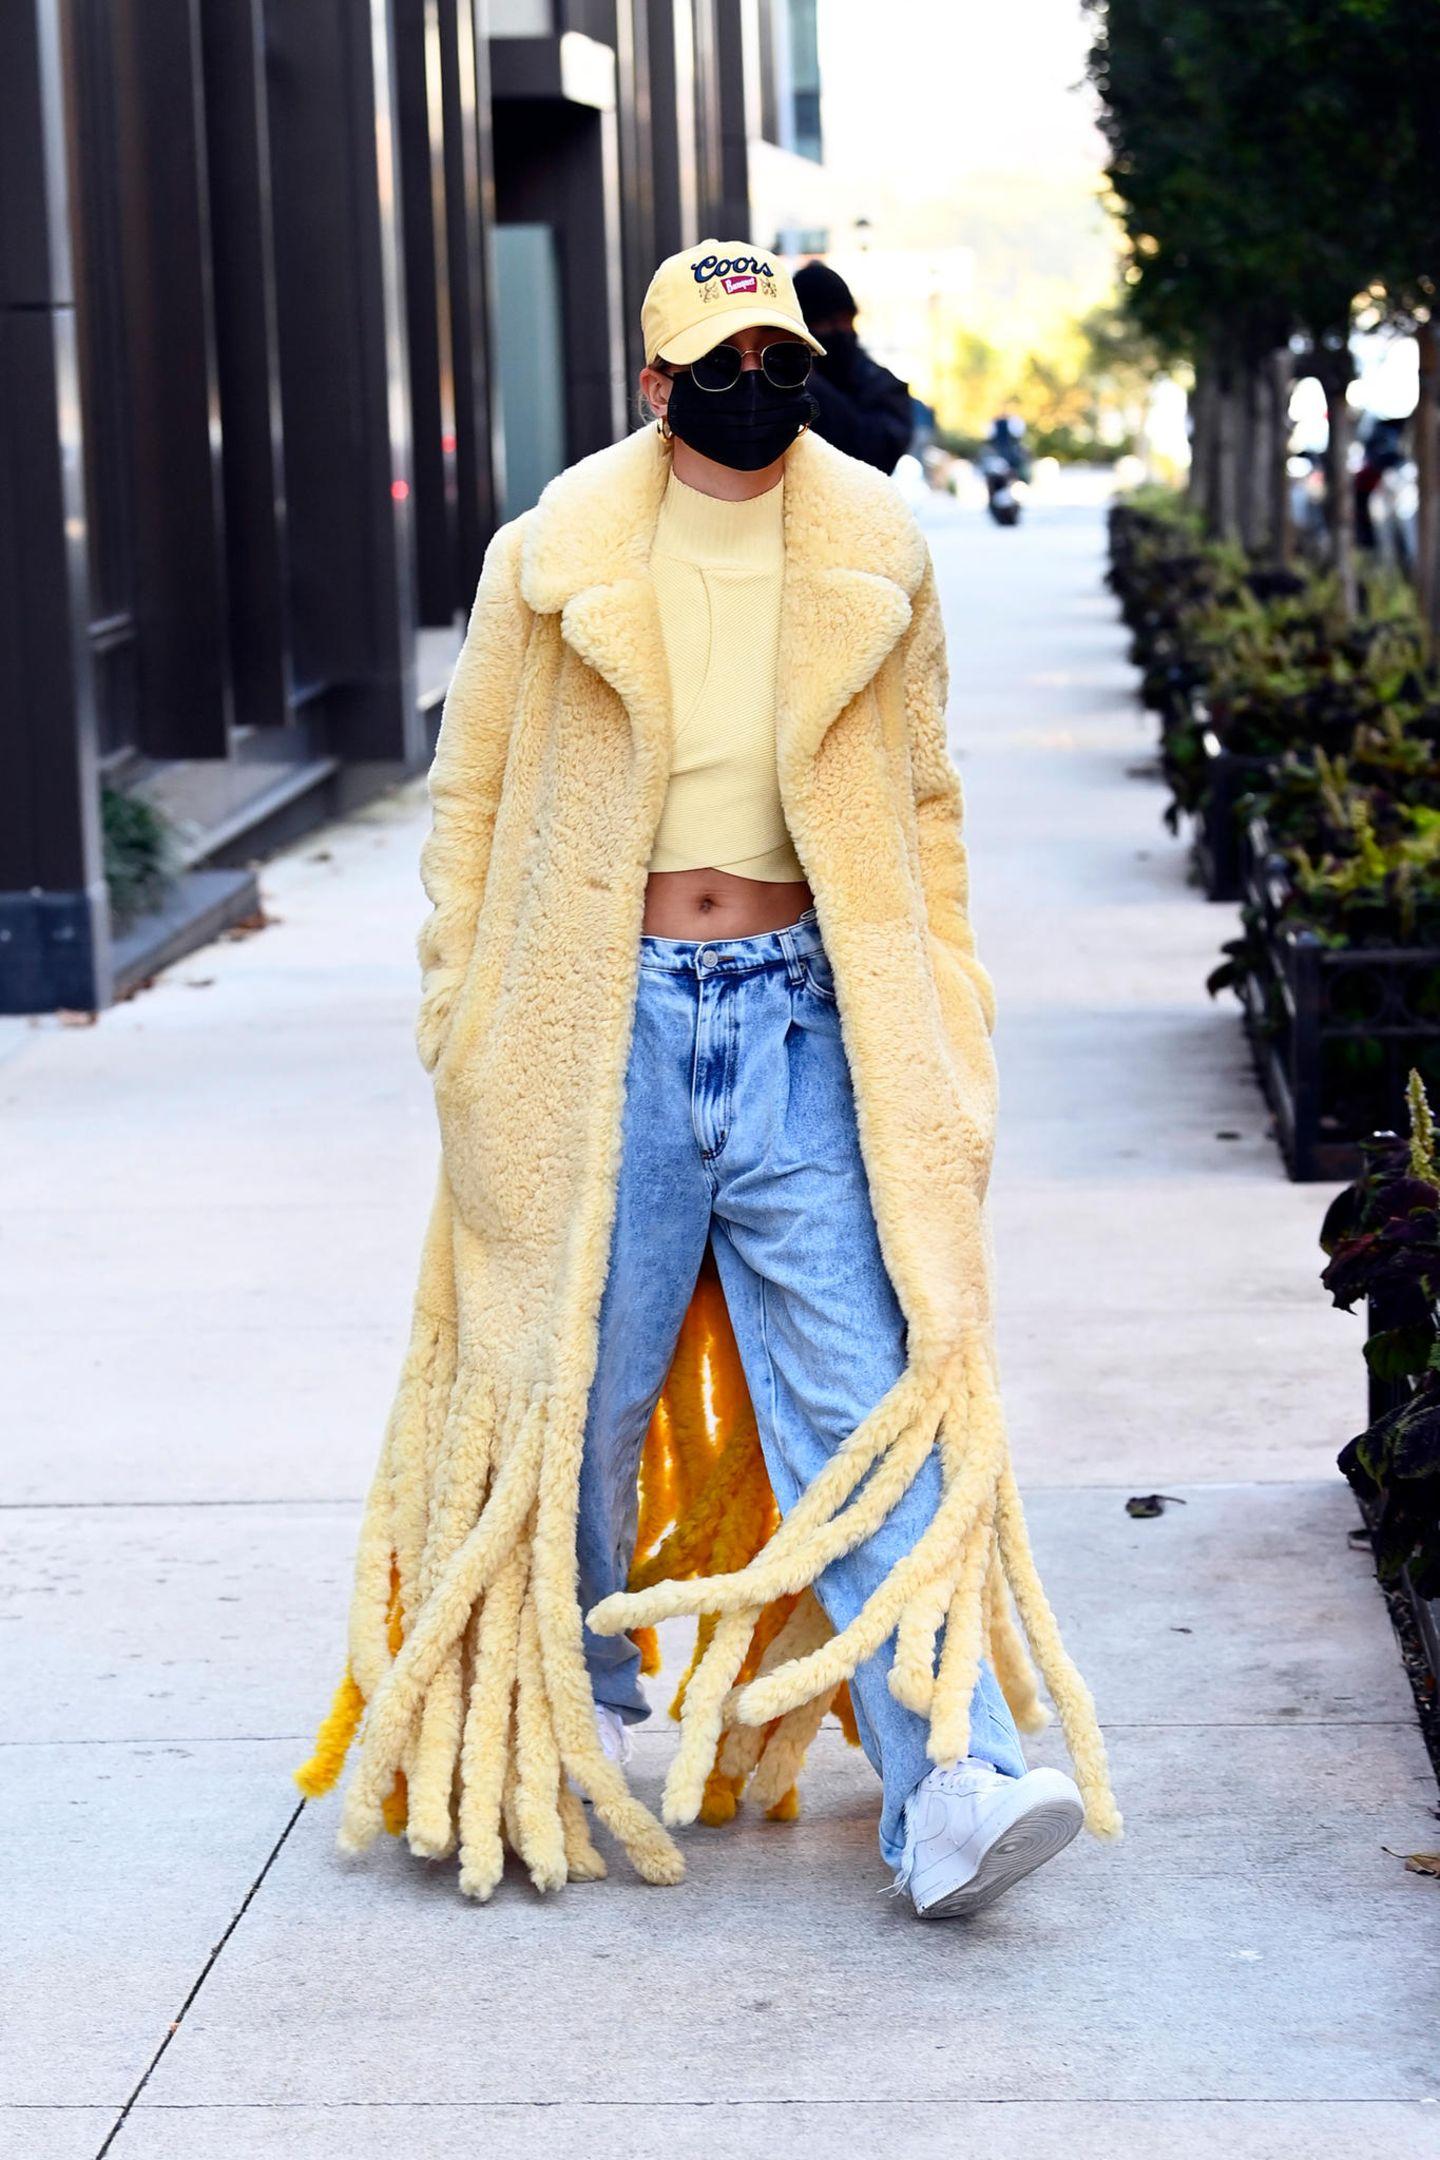 Hailey Bieber mag es lässig. In ihrem Lammfellmantel mit Fransen (von Bottega Veneta, Preis rund 6.900 Euro) trotzt sie dem New Yorker Herbstwetter. Eine baggy Jeans und ein gelbes Crop-Top versprühen Sommerlaune. Dazu trägt sie Cap und Maske und kann so - fast - unerkannt bleiben.